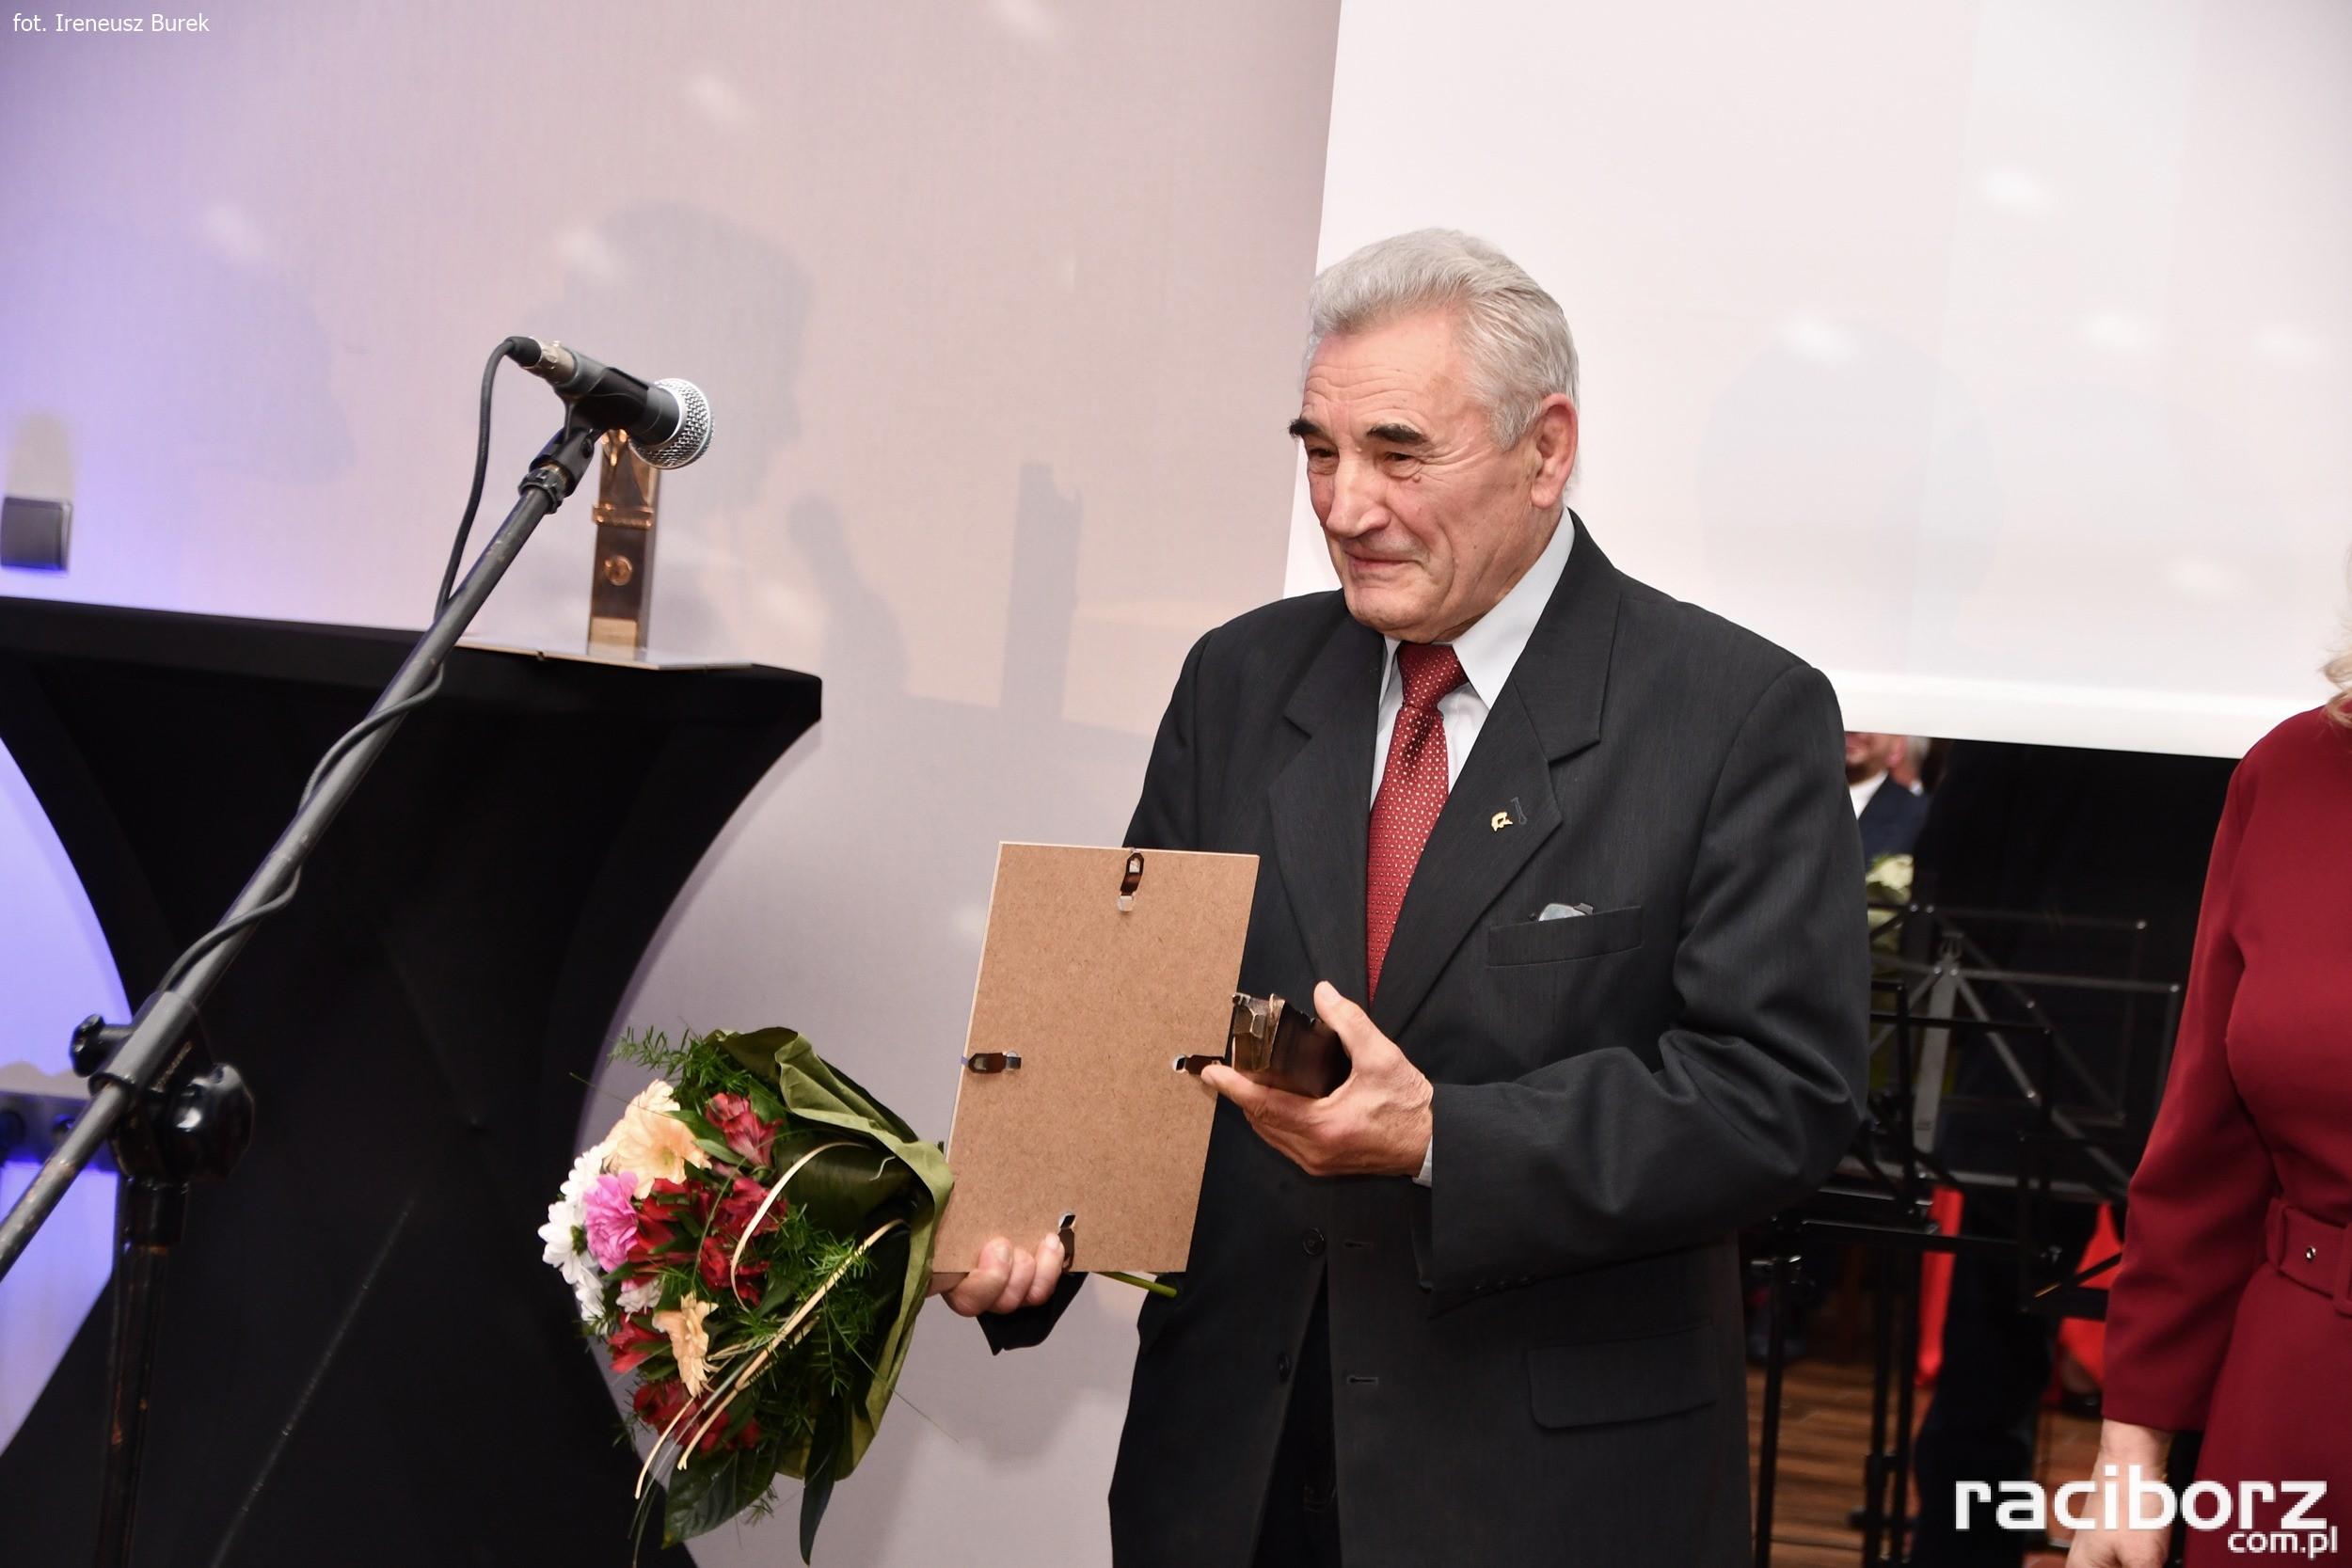 Hubert Skornia wieloletni działacz na rzecz Klubu zapaśniczego Dąb Brzeźnica